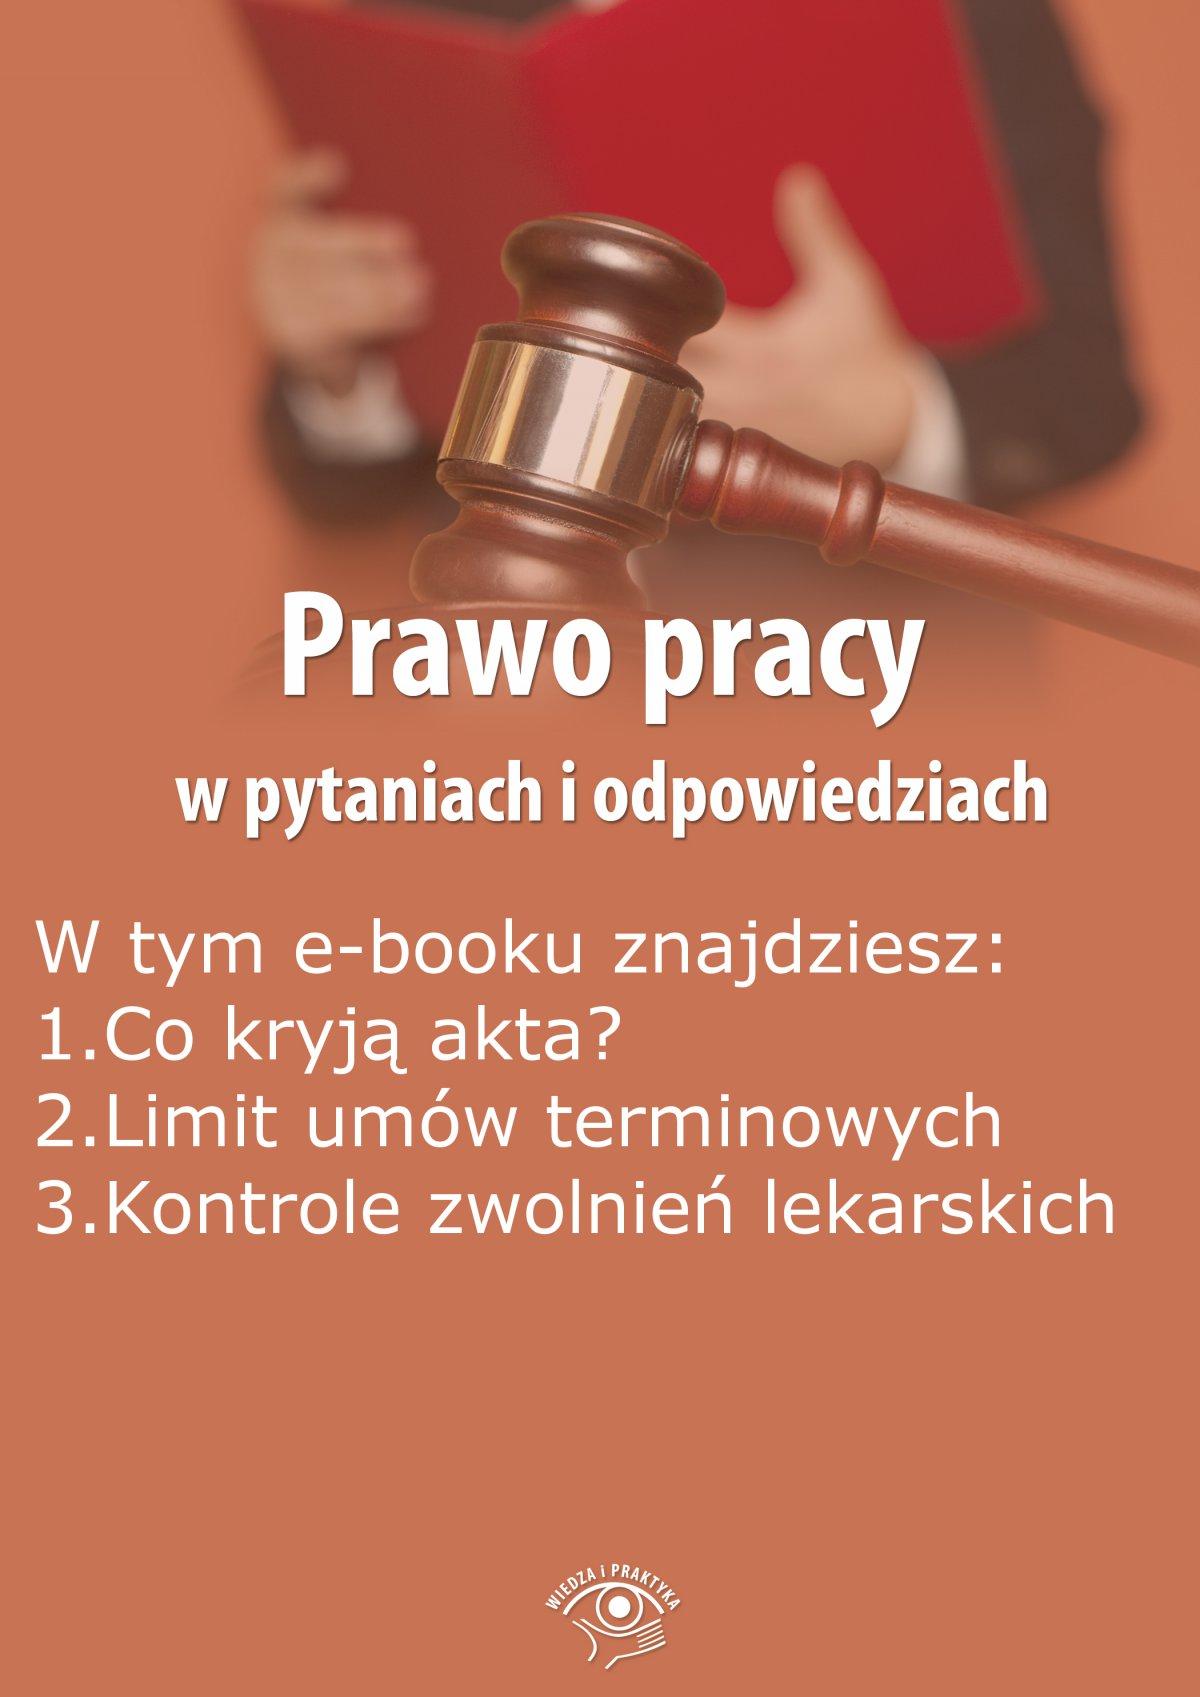 Prawo pracy w pytaniach i odpowiedziach, wydanie wrzesień-październik 2015 r. - Ebook (Książka EPUB) do pobrania w formacie EPUB